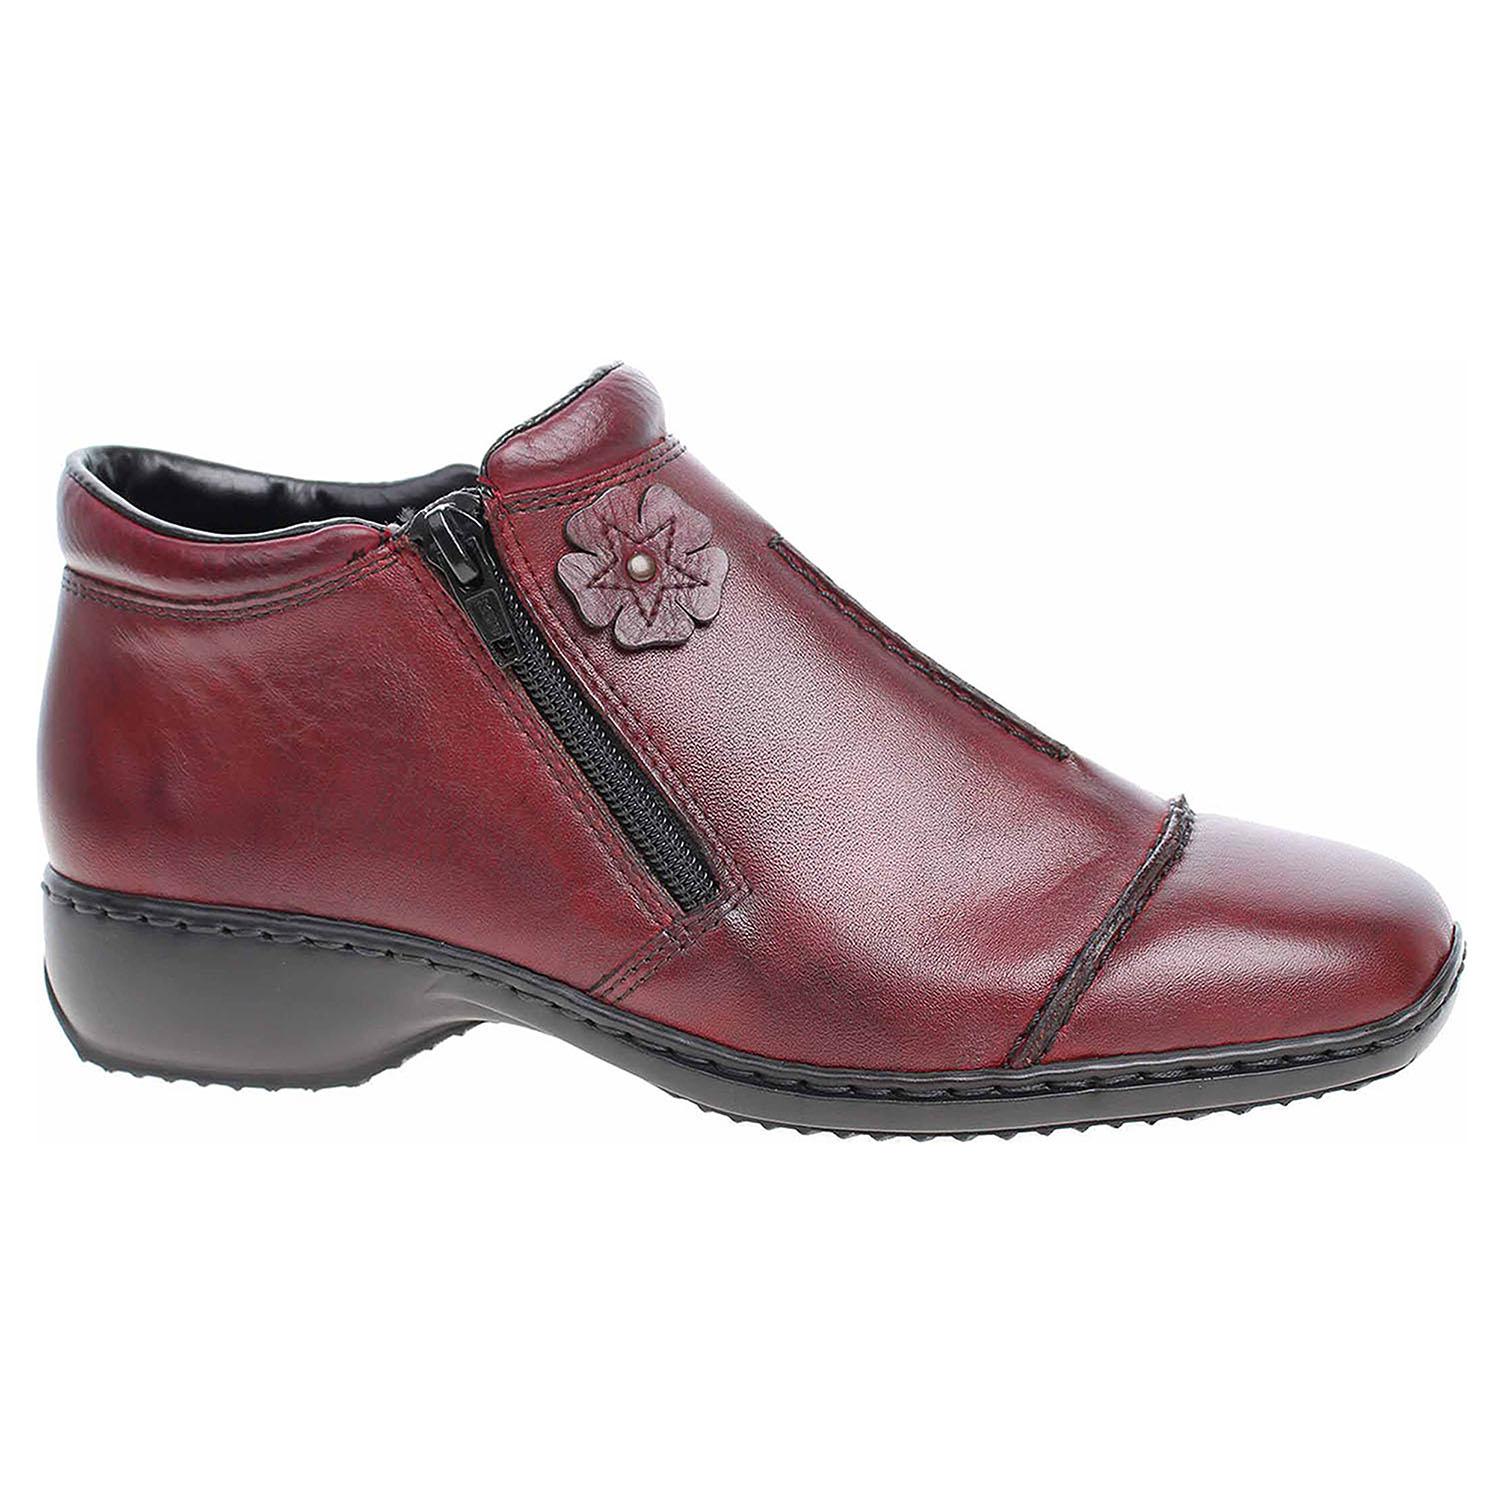 Dámská kotníková obuv Rieker L3888-35 rot L3888-35 39